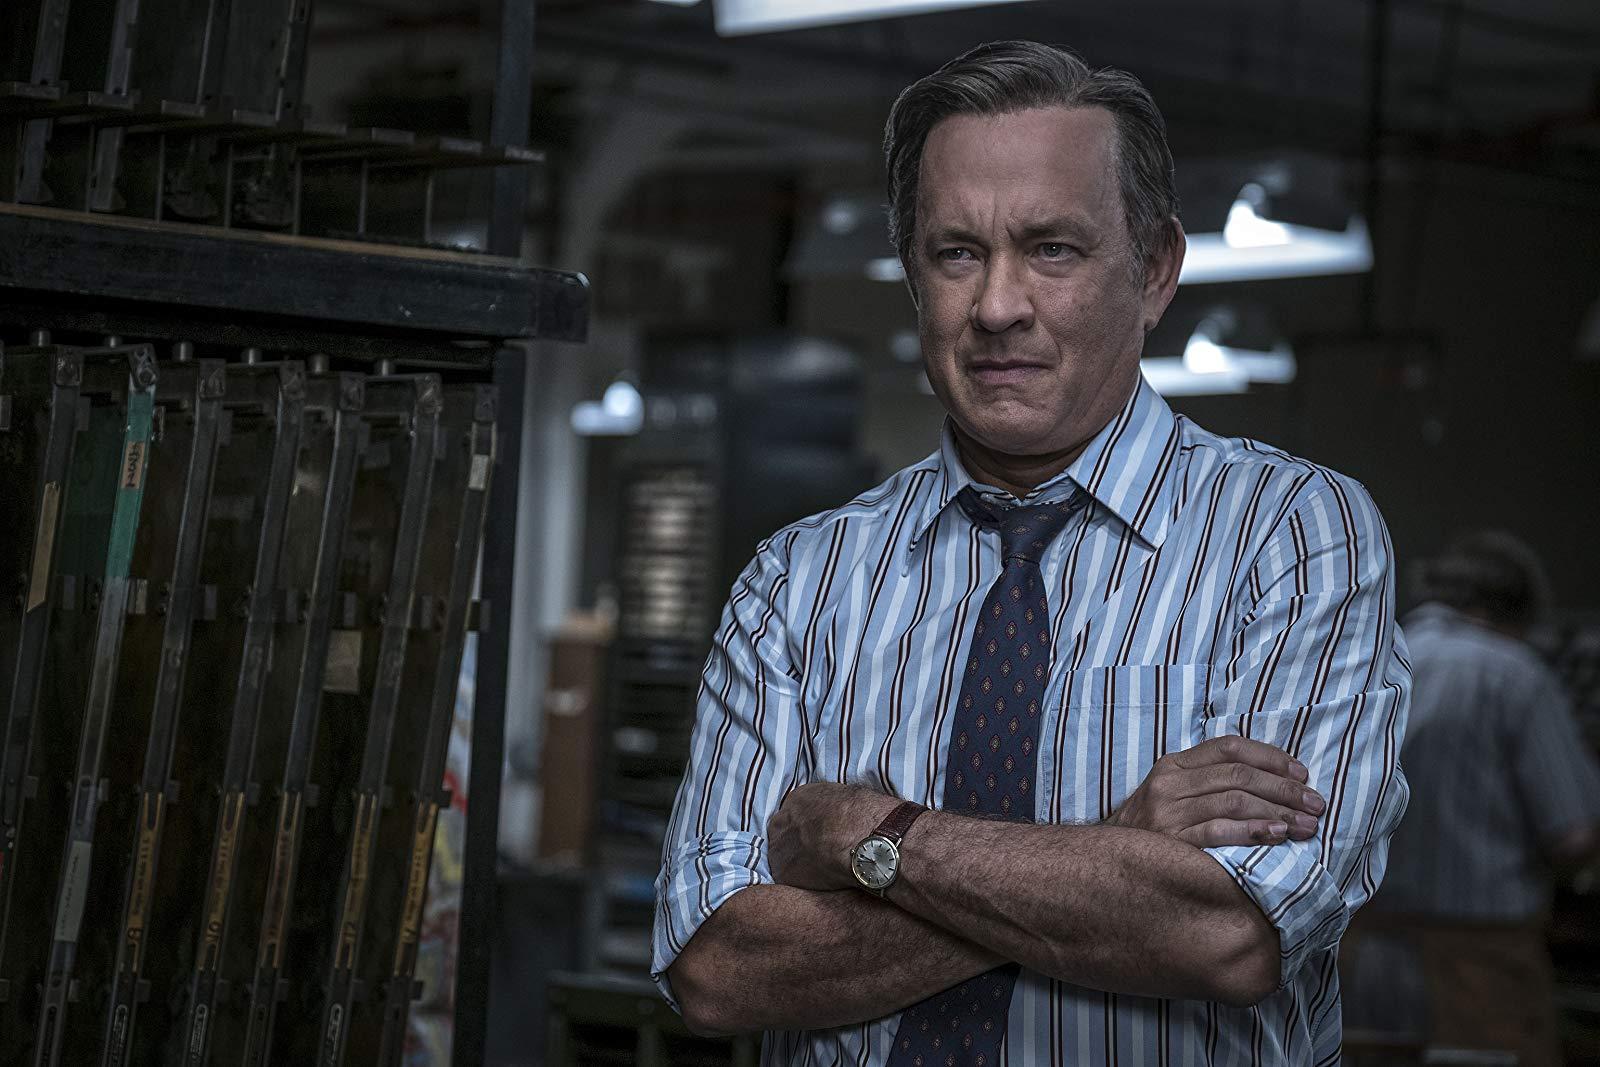 Tom Hanks as Ben Bradlee